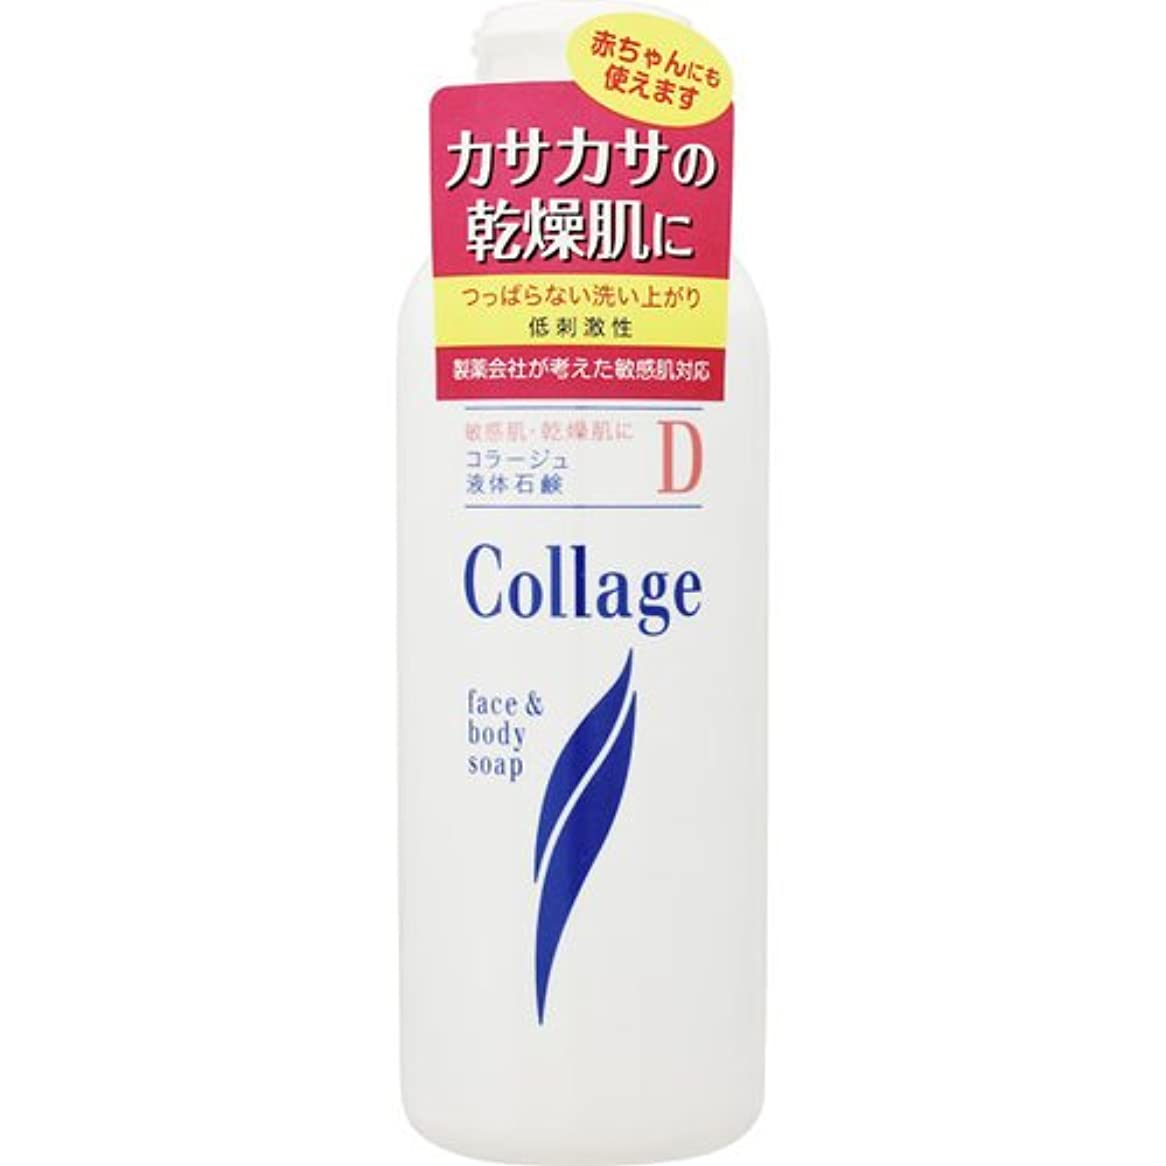 ルール大気文献持田ヘルスケア コラージュD液体石鹸 (200mL) 敏感肌 液体洗顔料 コラージュ